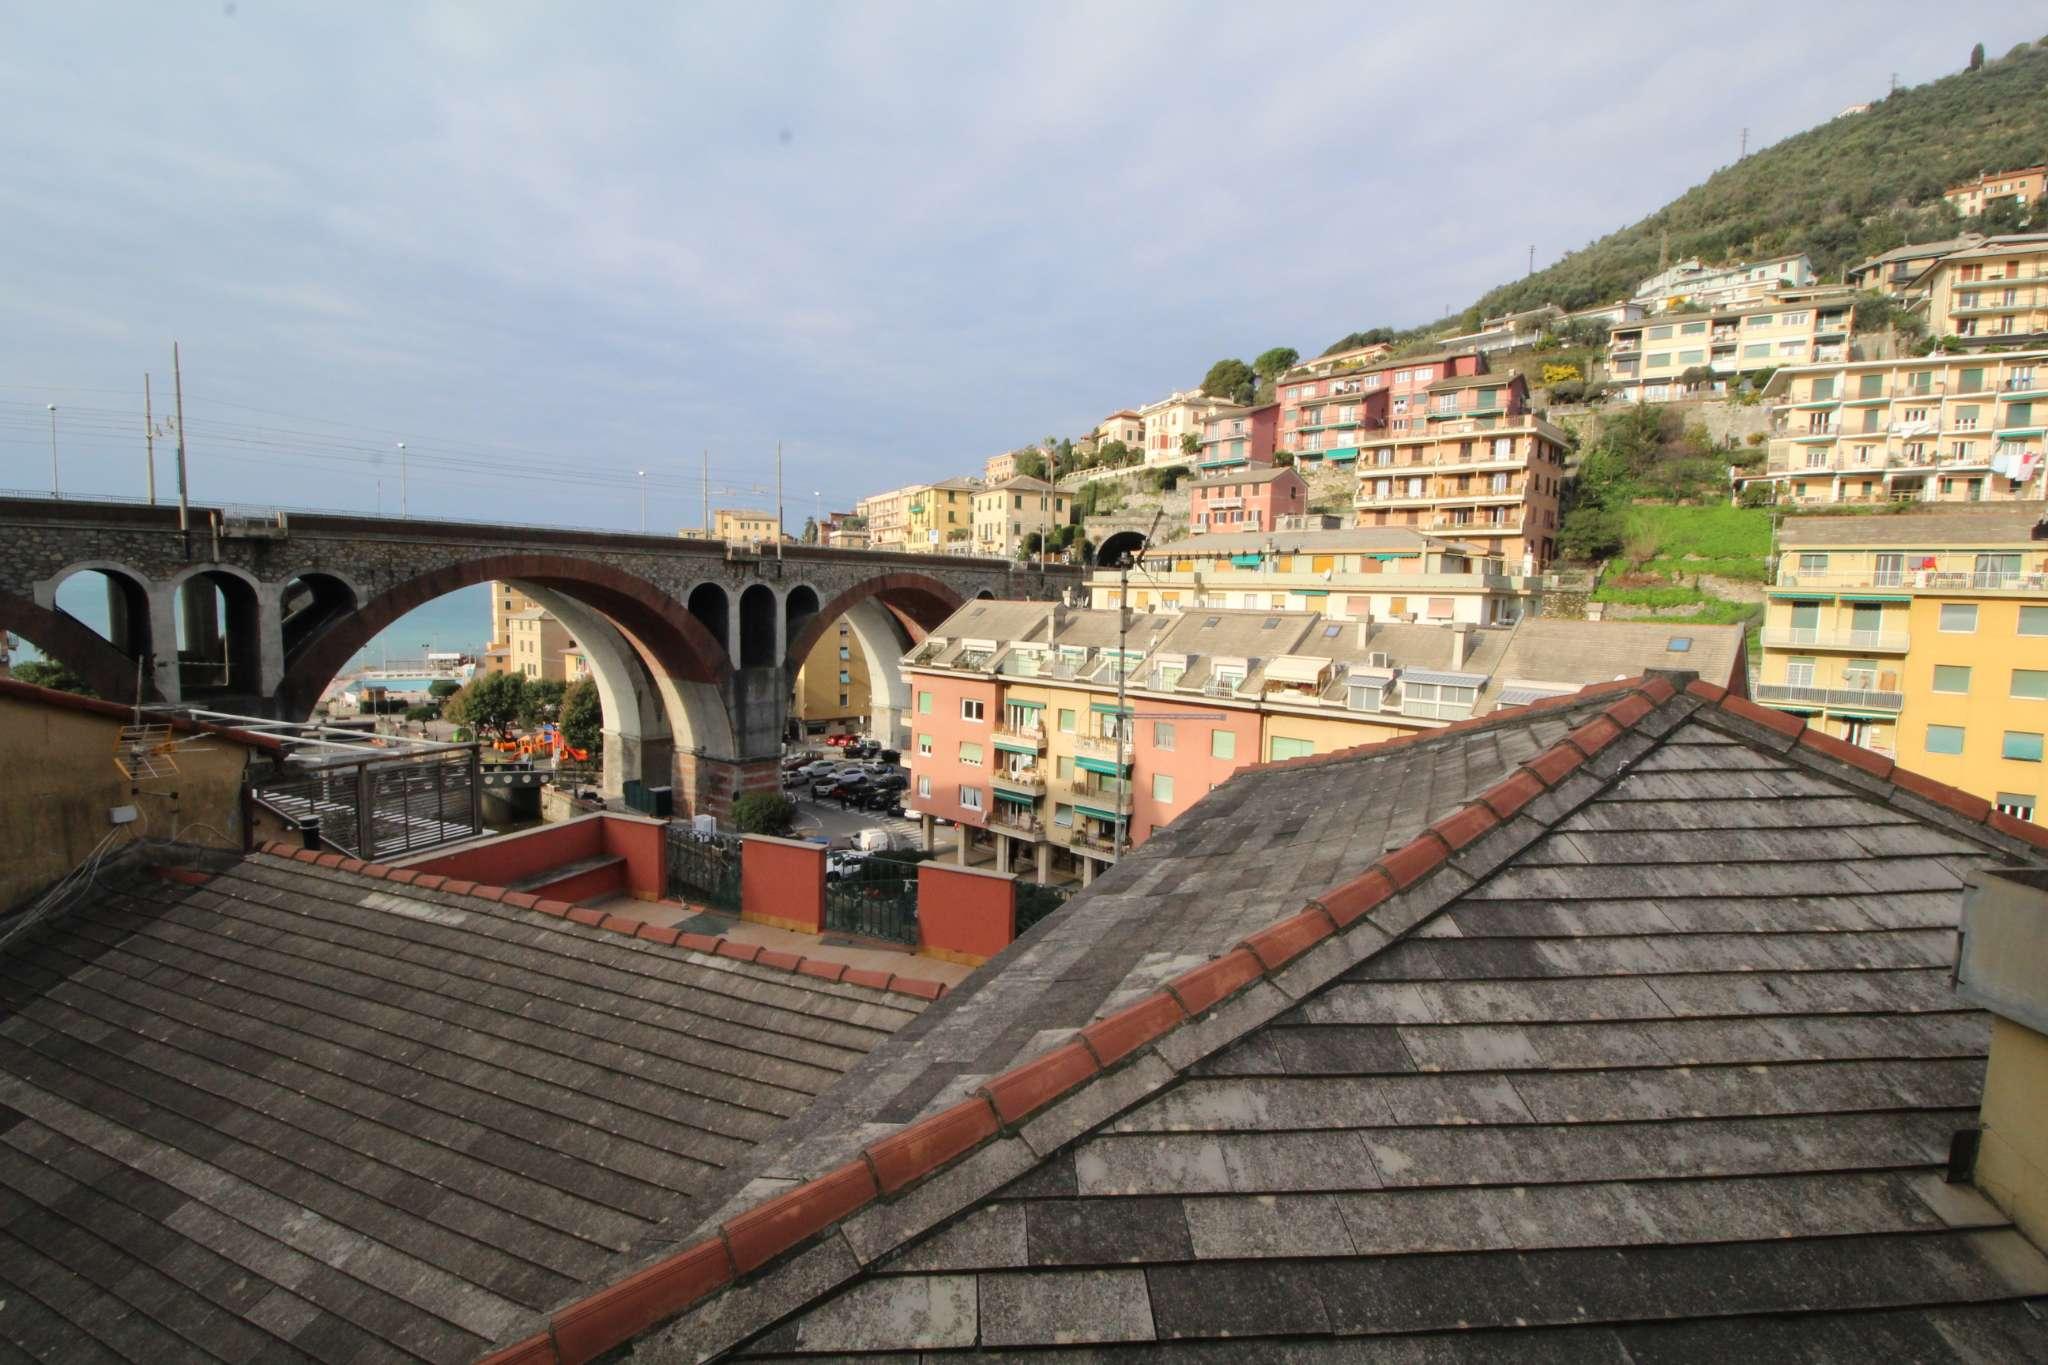 Appartamento in vendita a Sori, 2 locali, prezzo € 295.000 | PortaleAgenzieImmobiliari.it